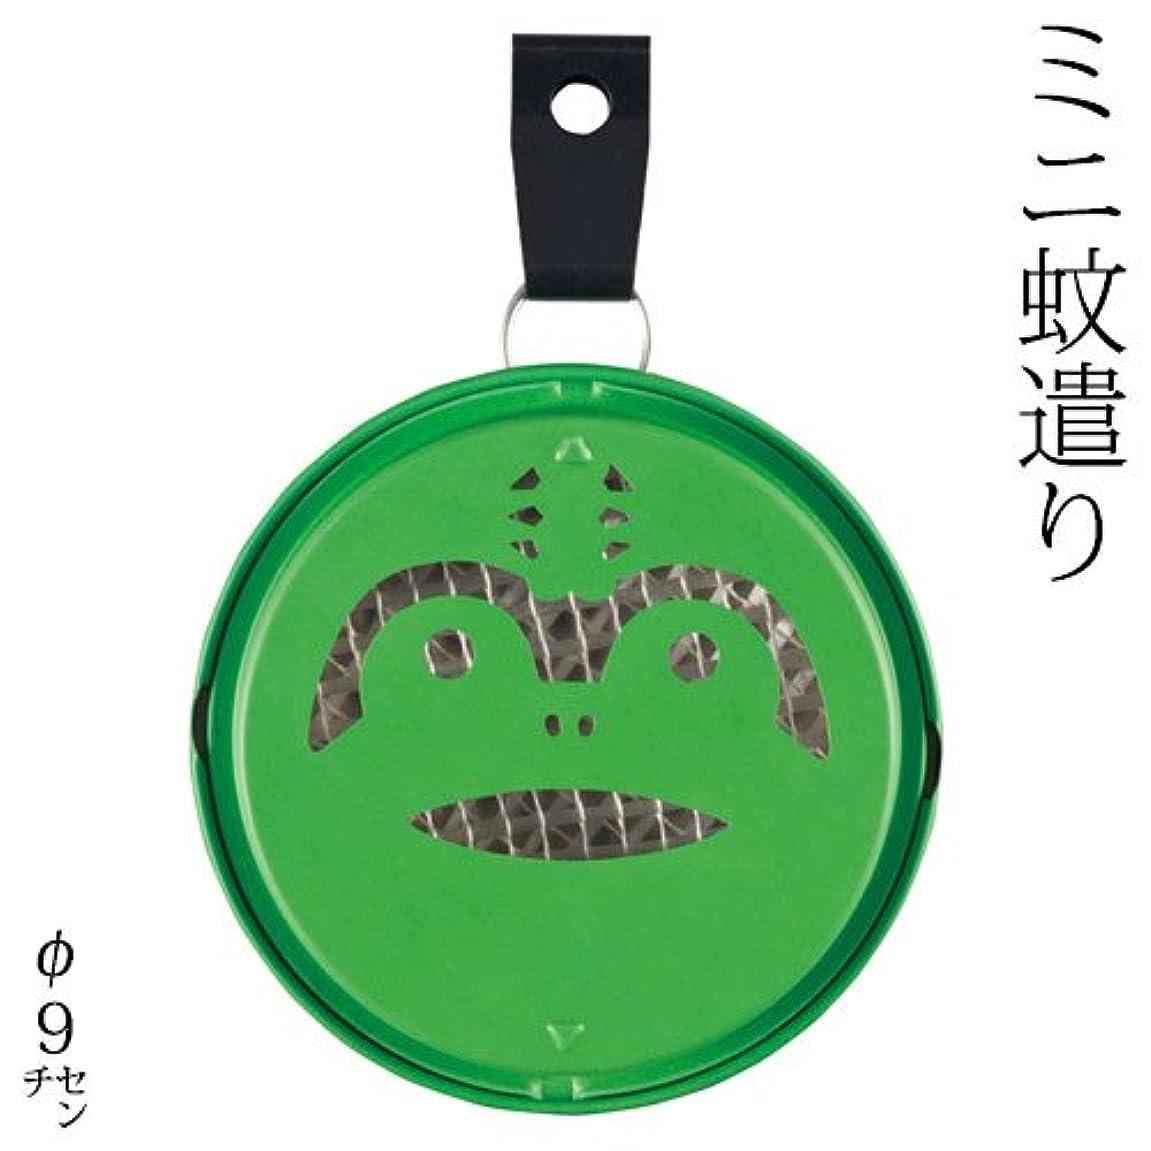 チキンミンチ私達DECOLEポータブルミニ蚊遣りカエル (SK-13932)吊り下げ?床置き対応Portable mini Kayari